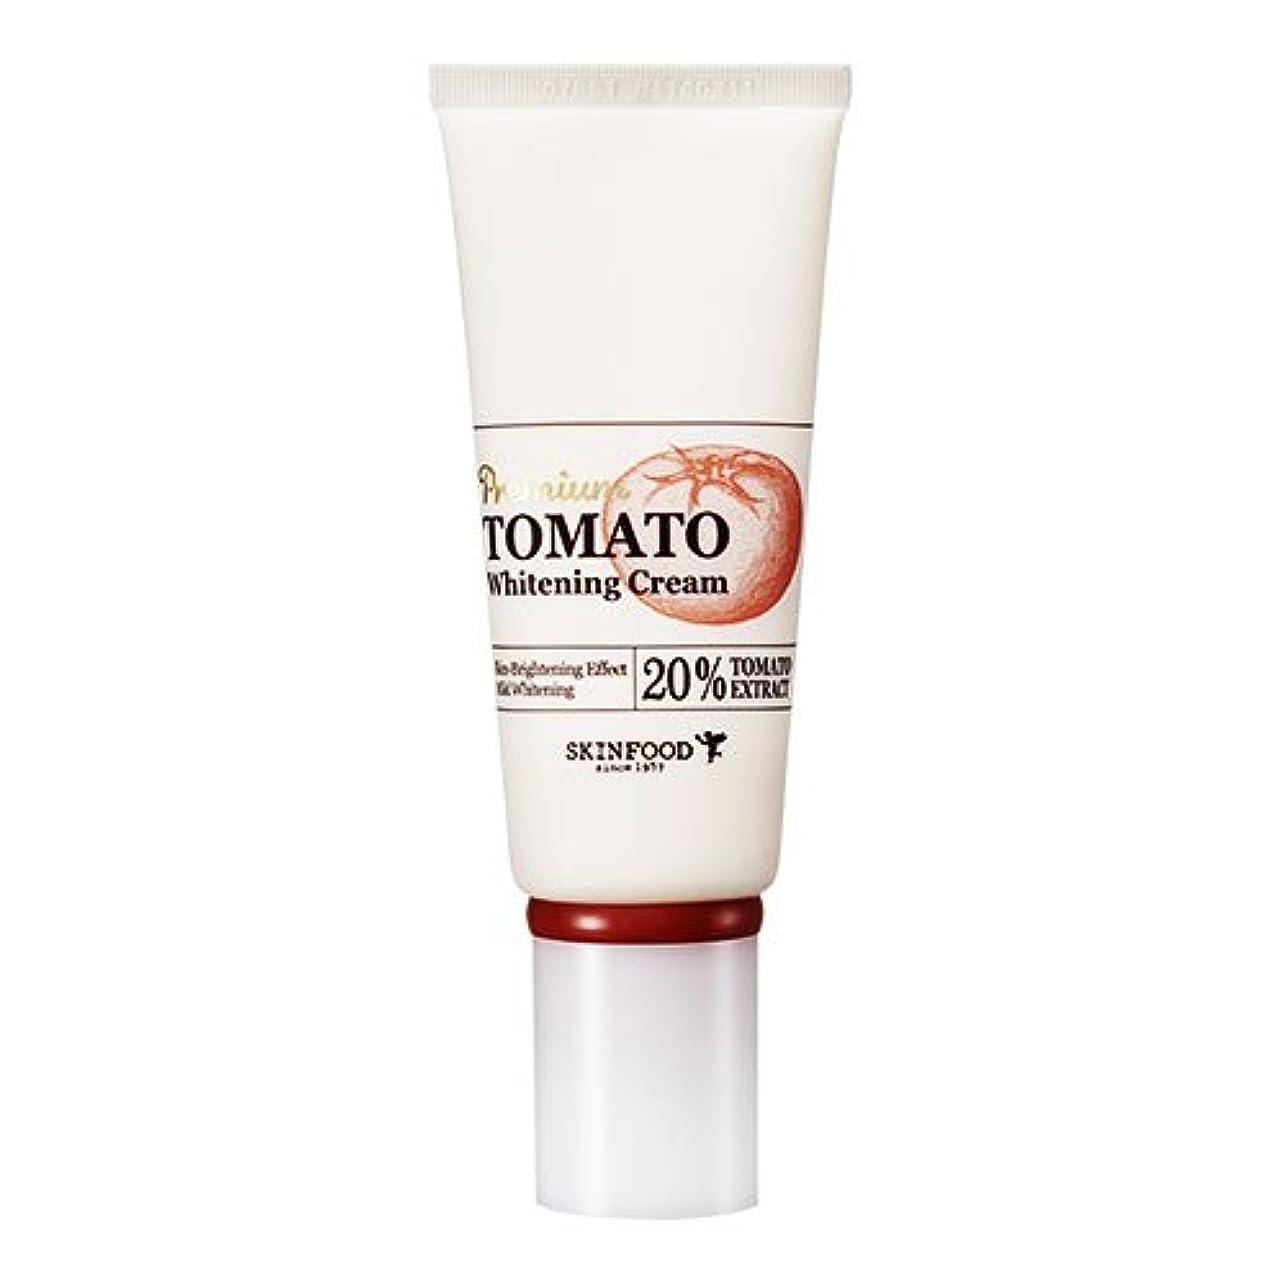 ネット立方体チーズSkinfood プレミアムトマトホワイトニングクリーム(美白効果) / Premium Tomato Whitening Cream (Skin-Brightening Effect) 50g [並行輸入品]